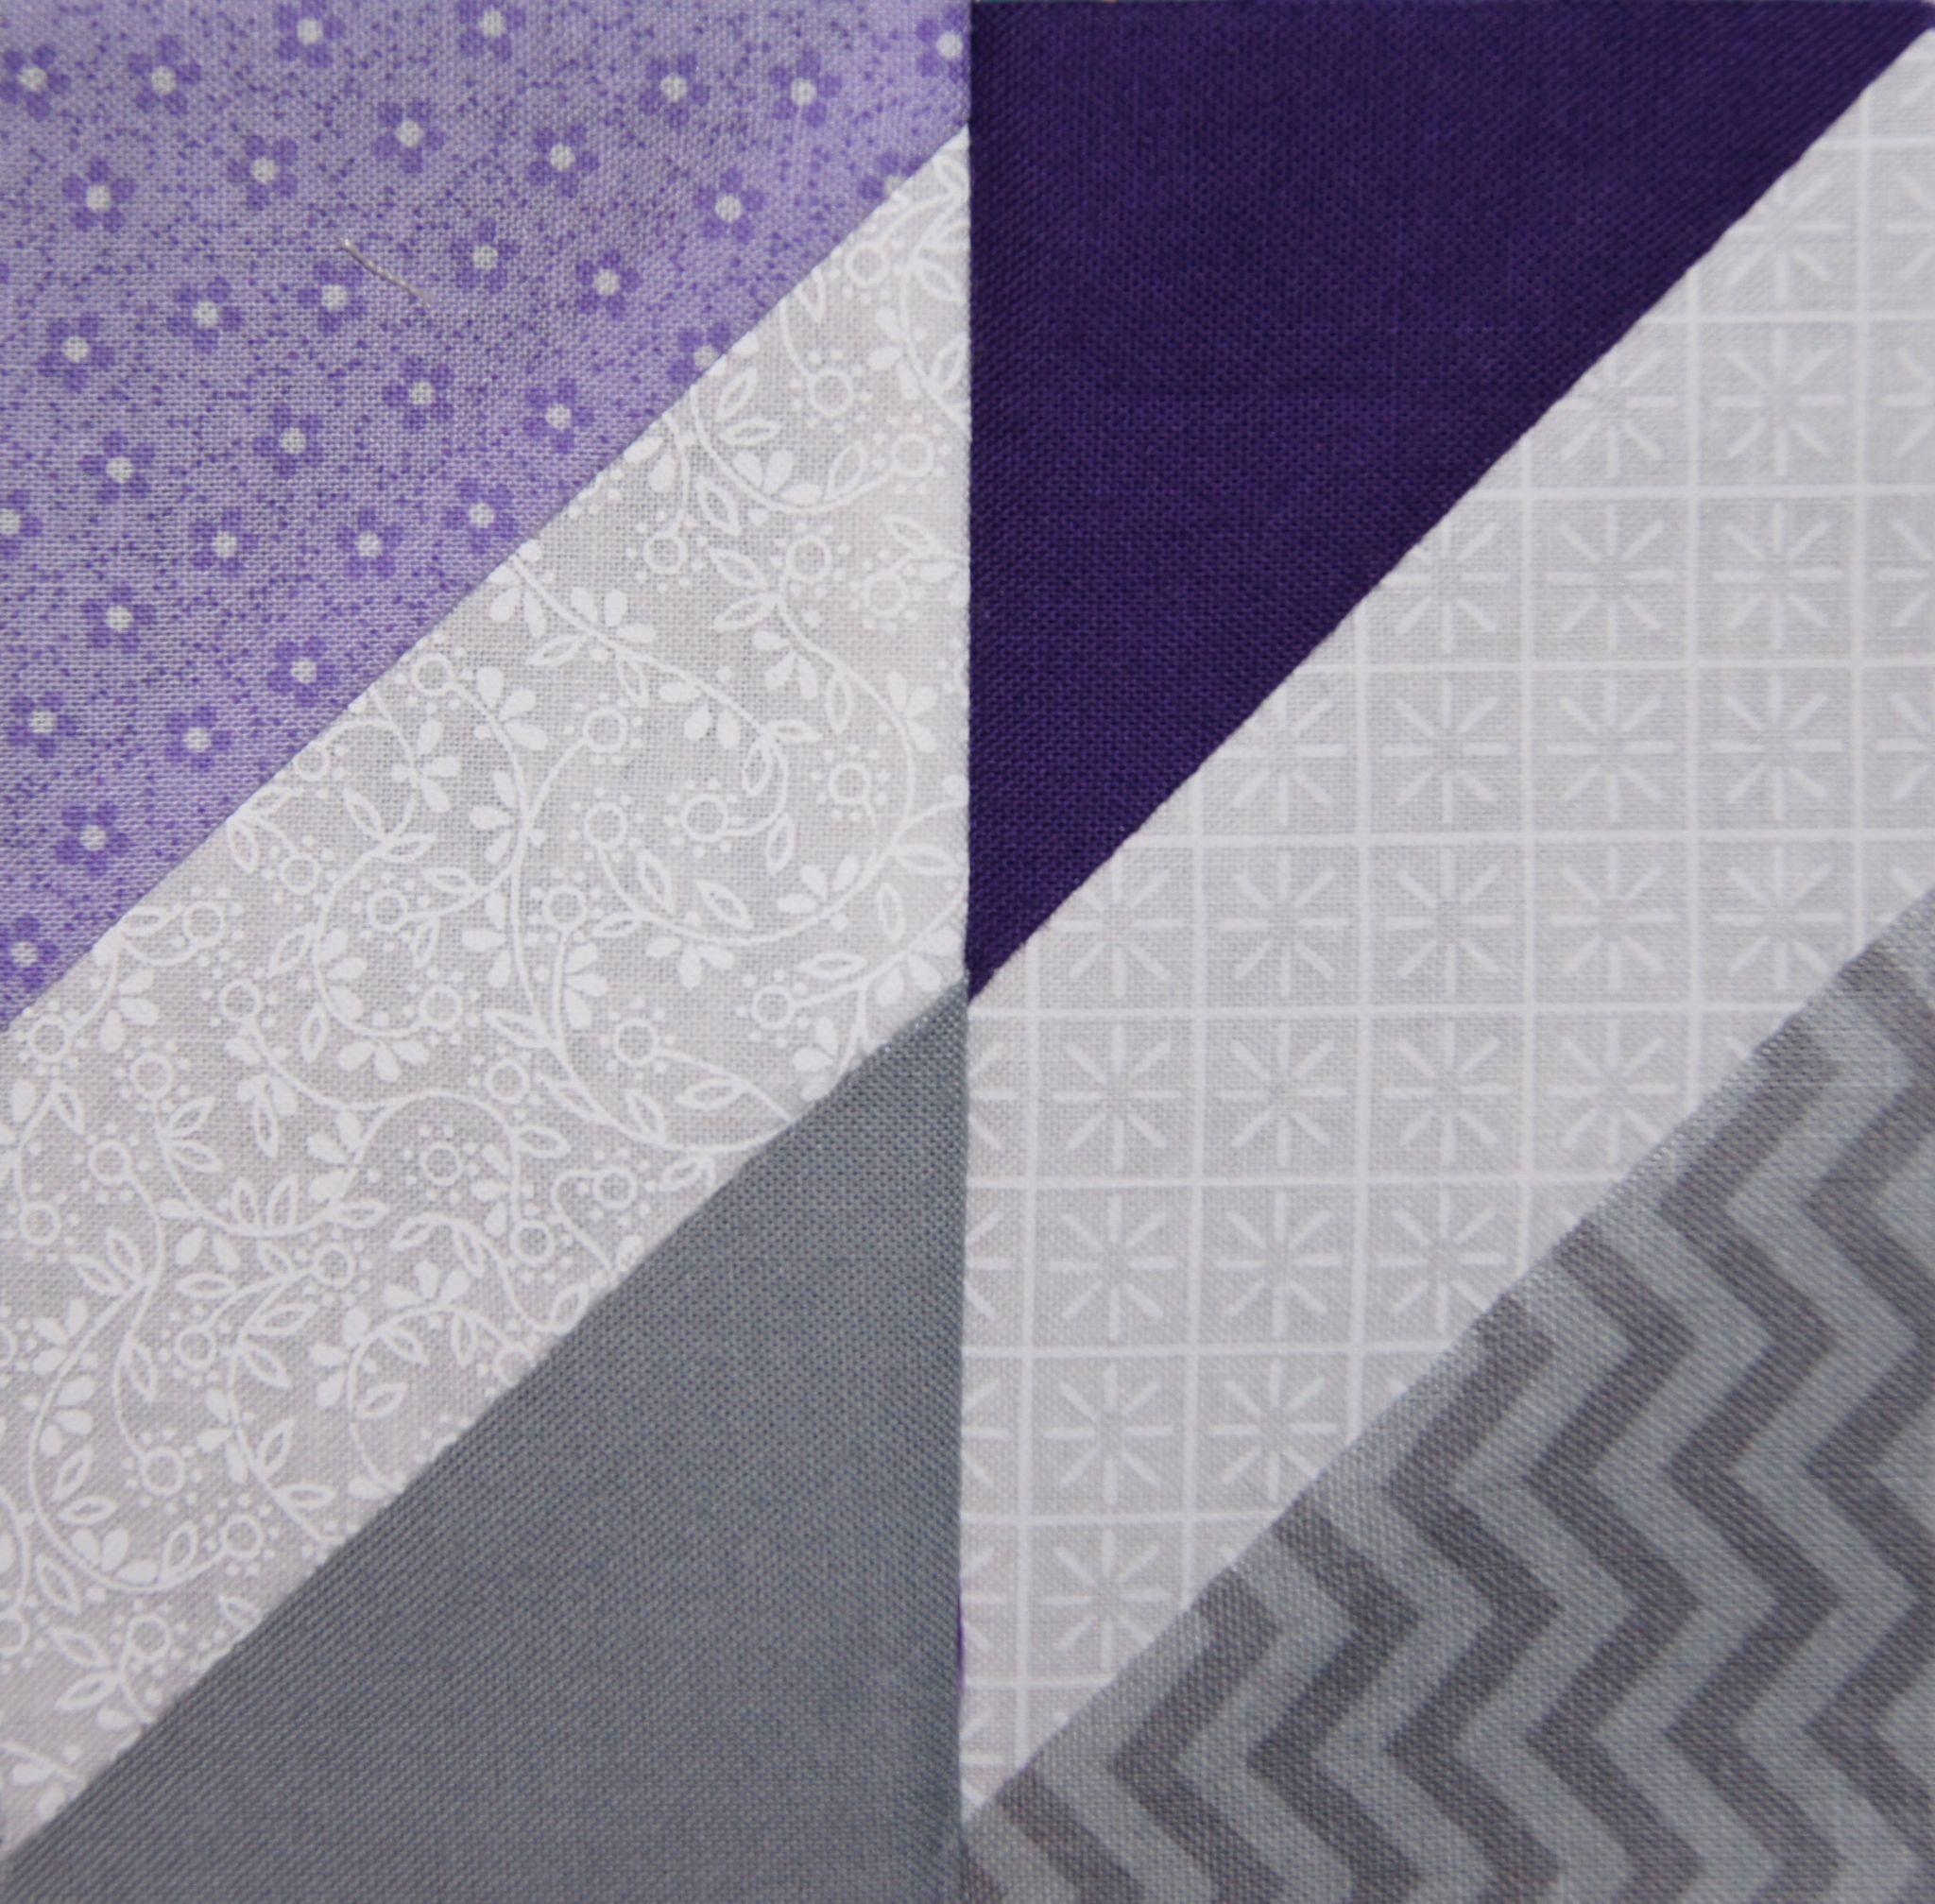 Quilt Grand Illusions step 2 block.jpg